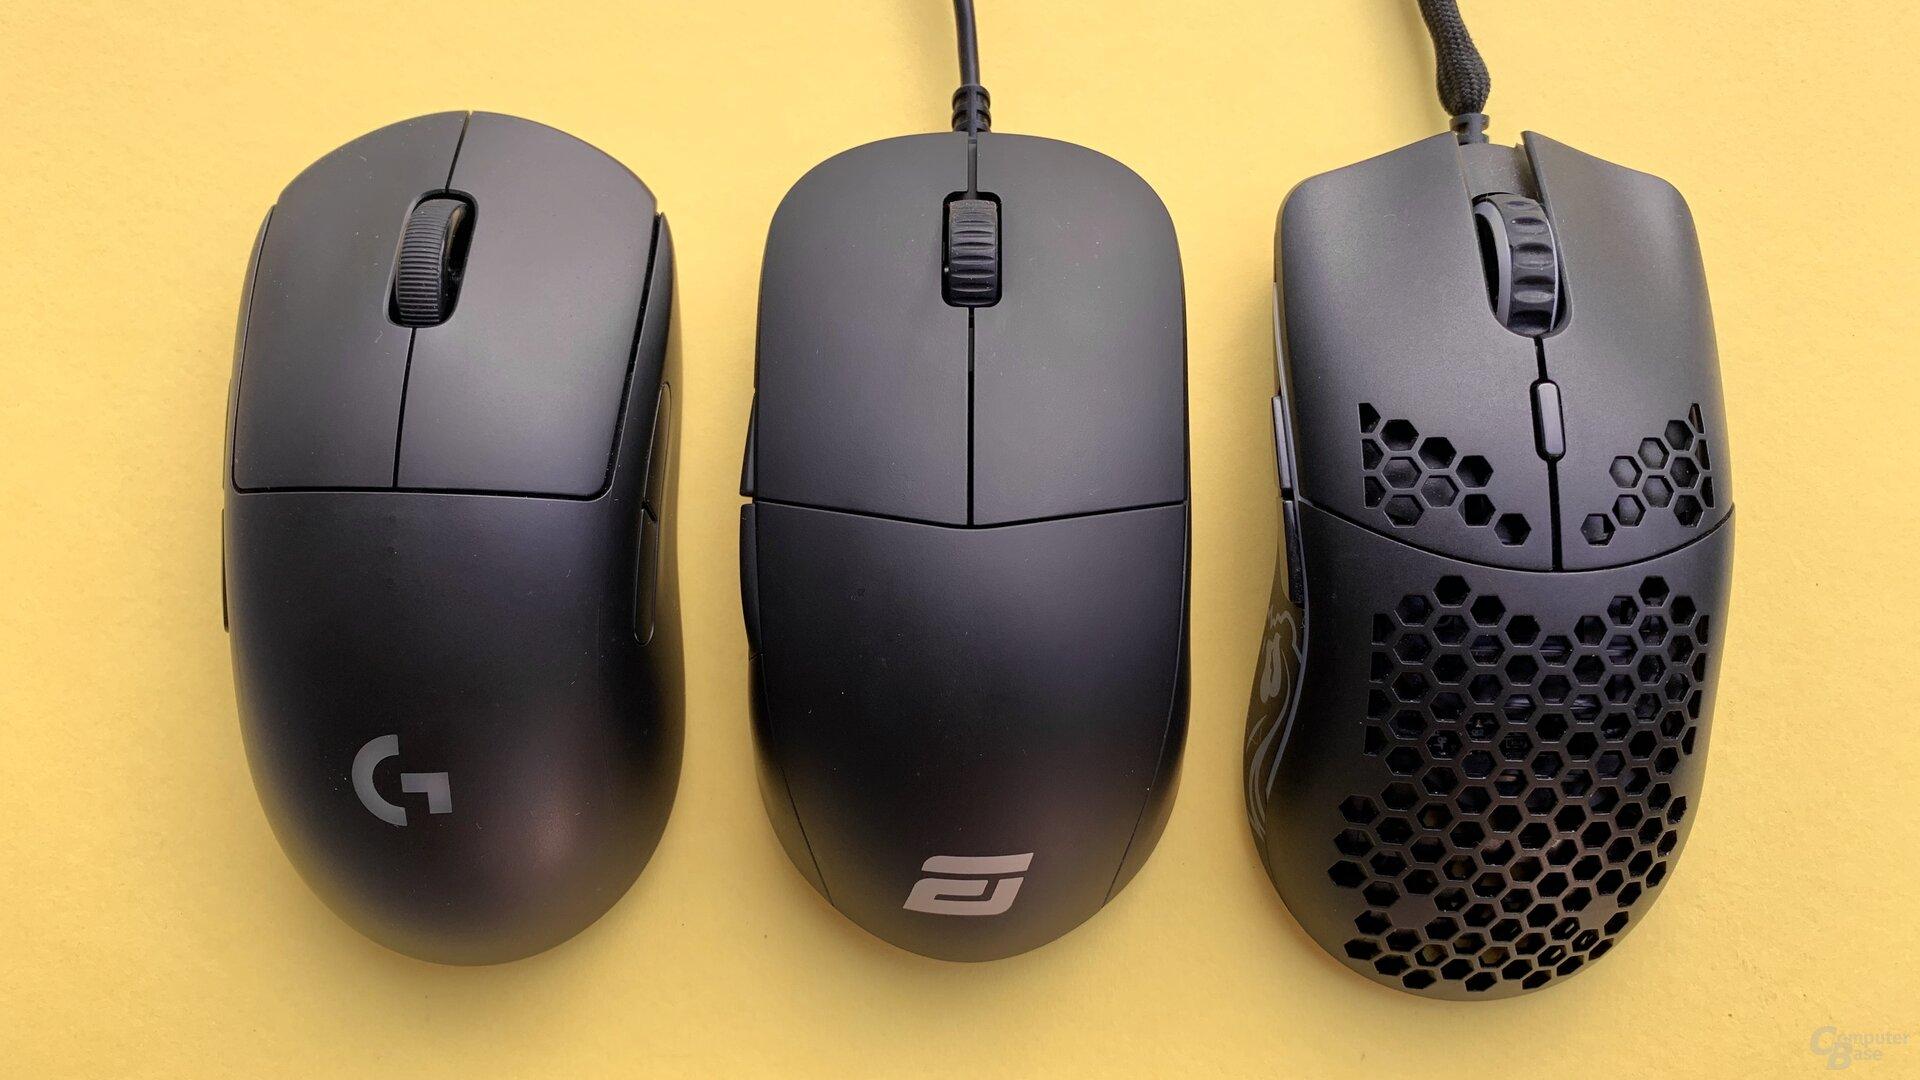 Logitech G Pro Wireless, Endgame Gear XM1 & Glorious Model O